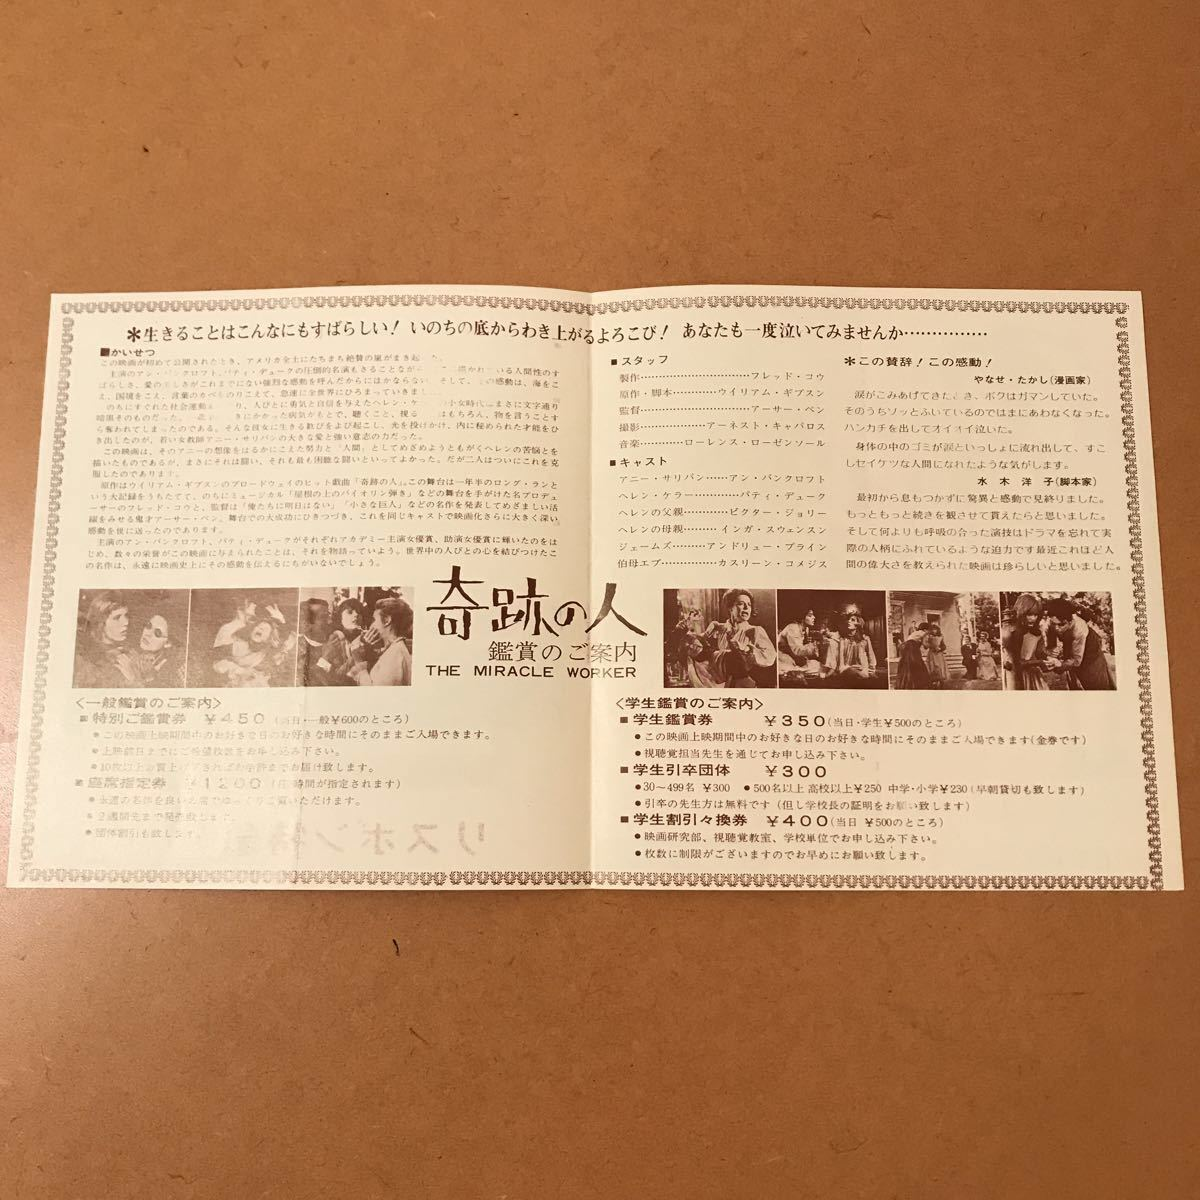 【希少/映画チラシ】『奇跡の人』1963年初公開作品 リバイバル上映時チラシ 通常カラーチラシ&2枚折り四角チラシ 2枚セット _画像5